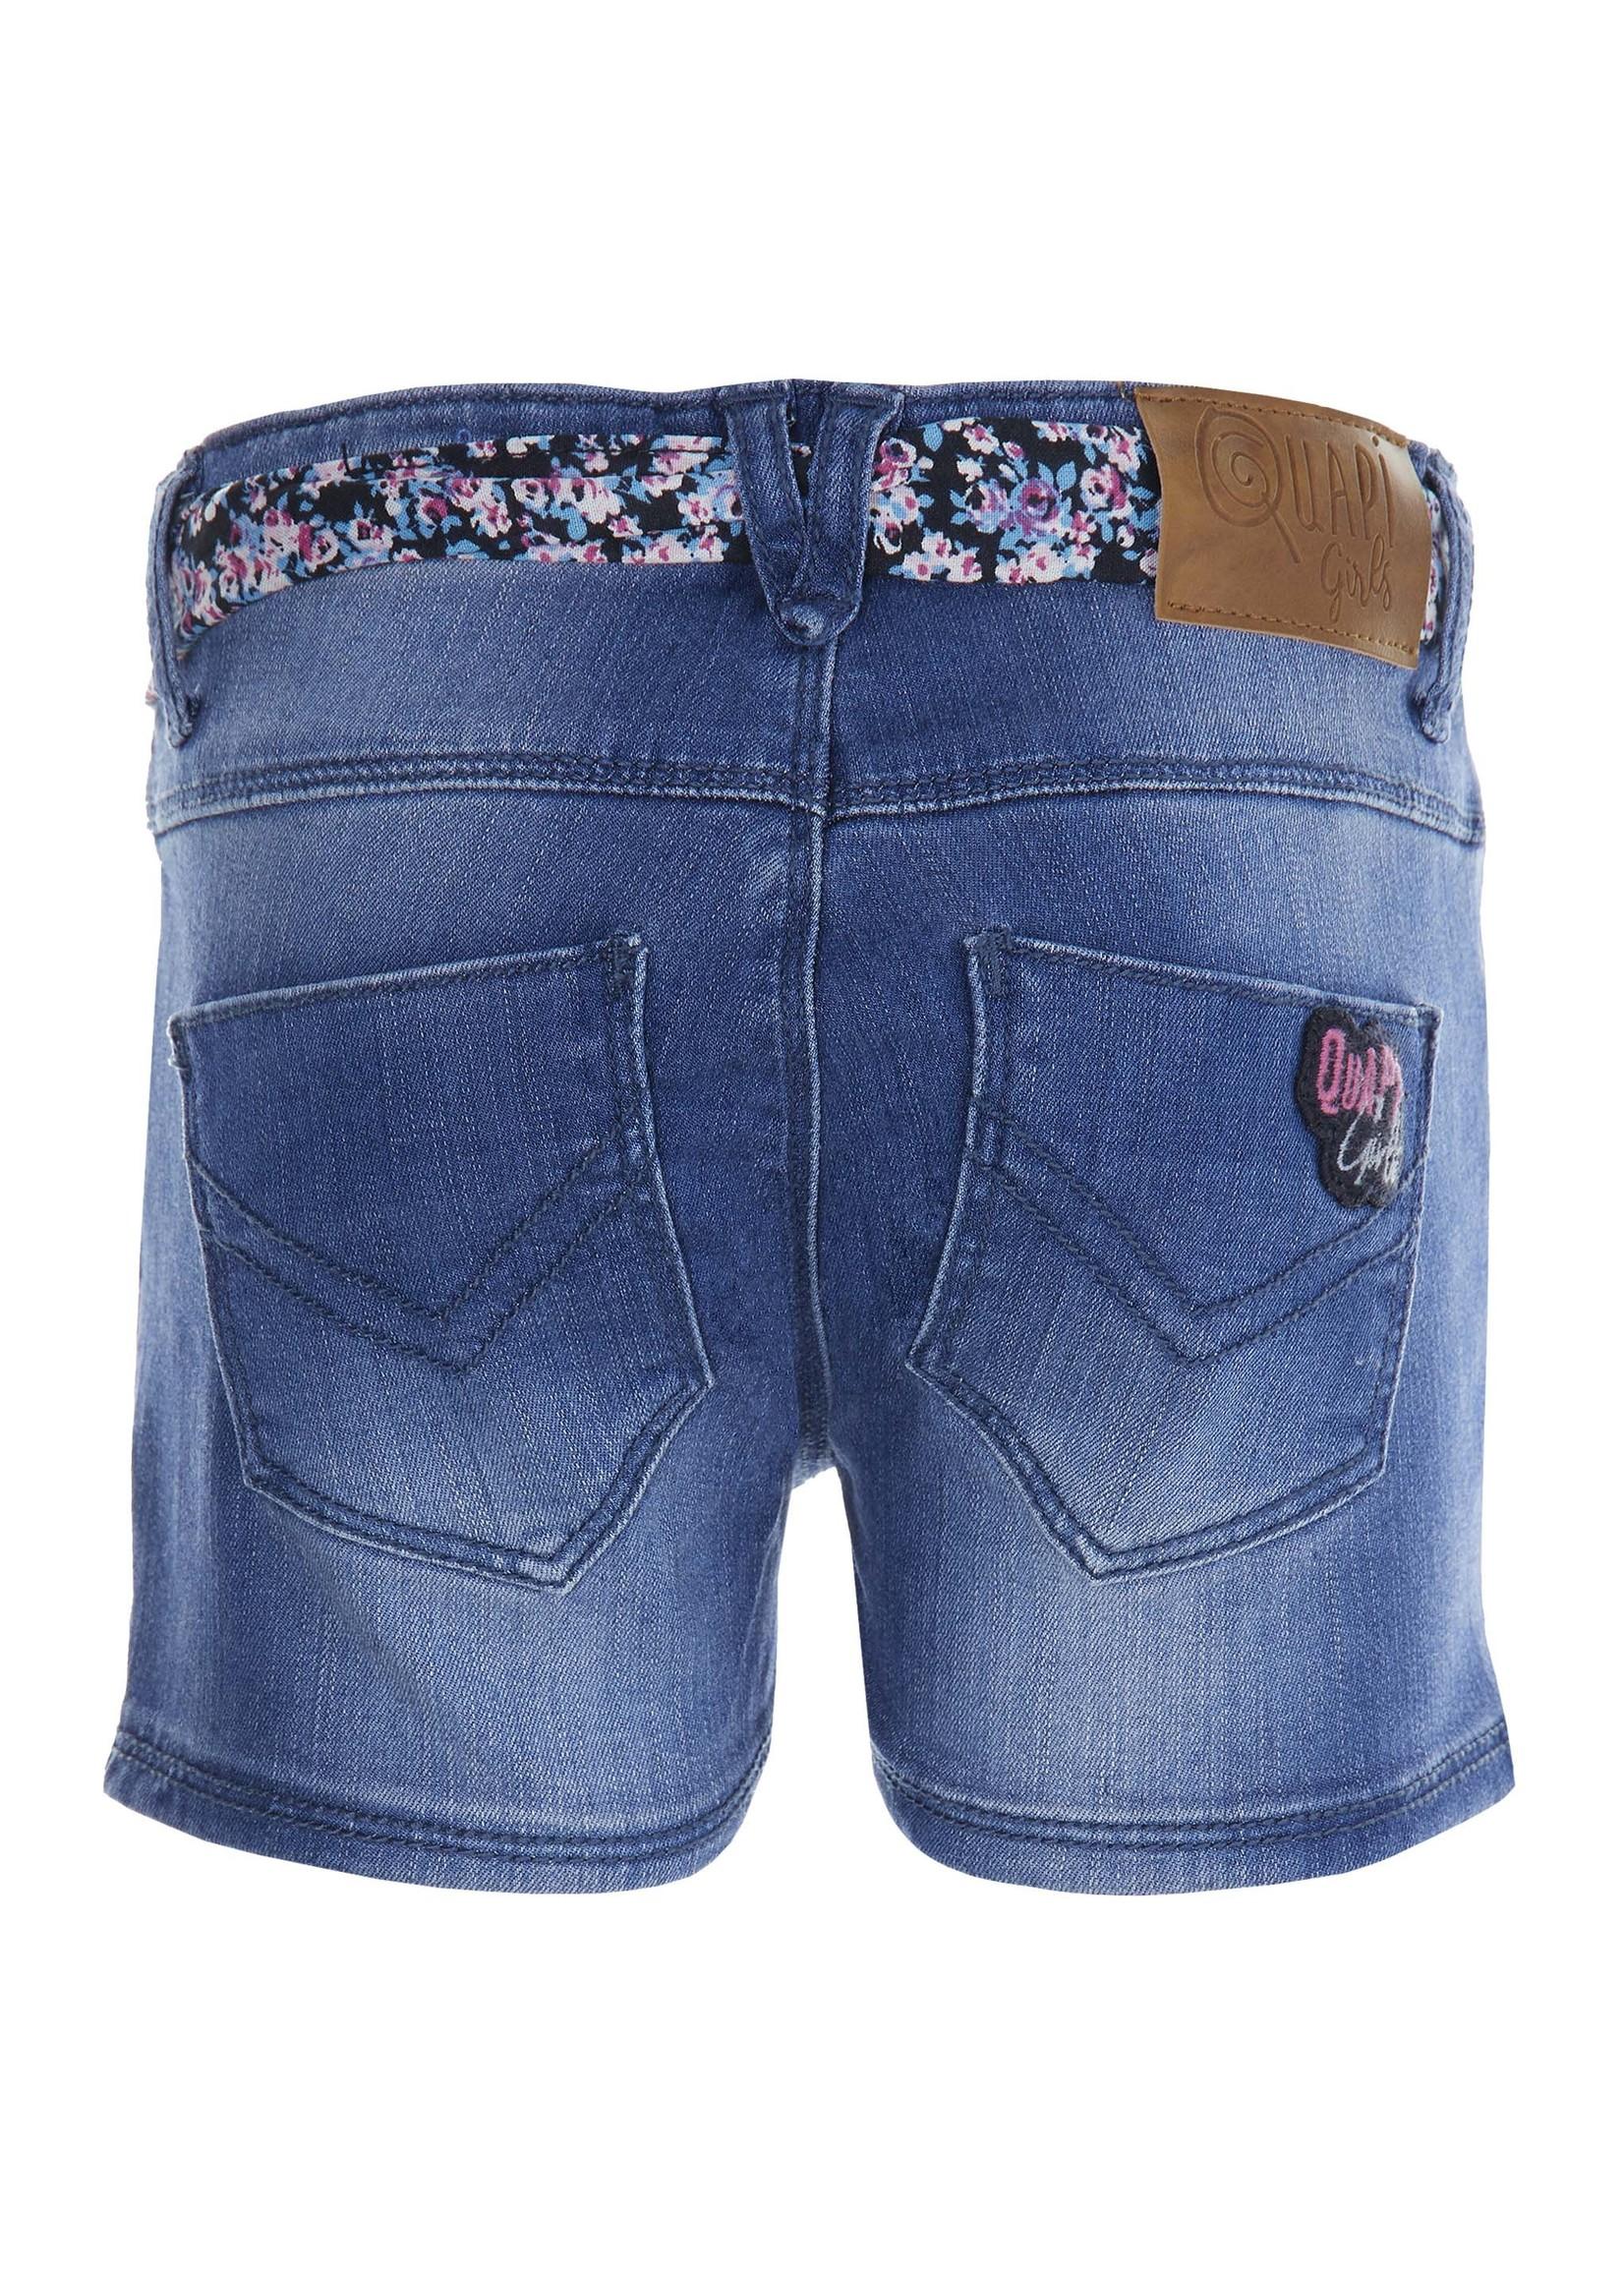 Quapi Shorts Fonne Denim Blue